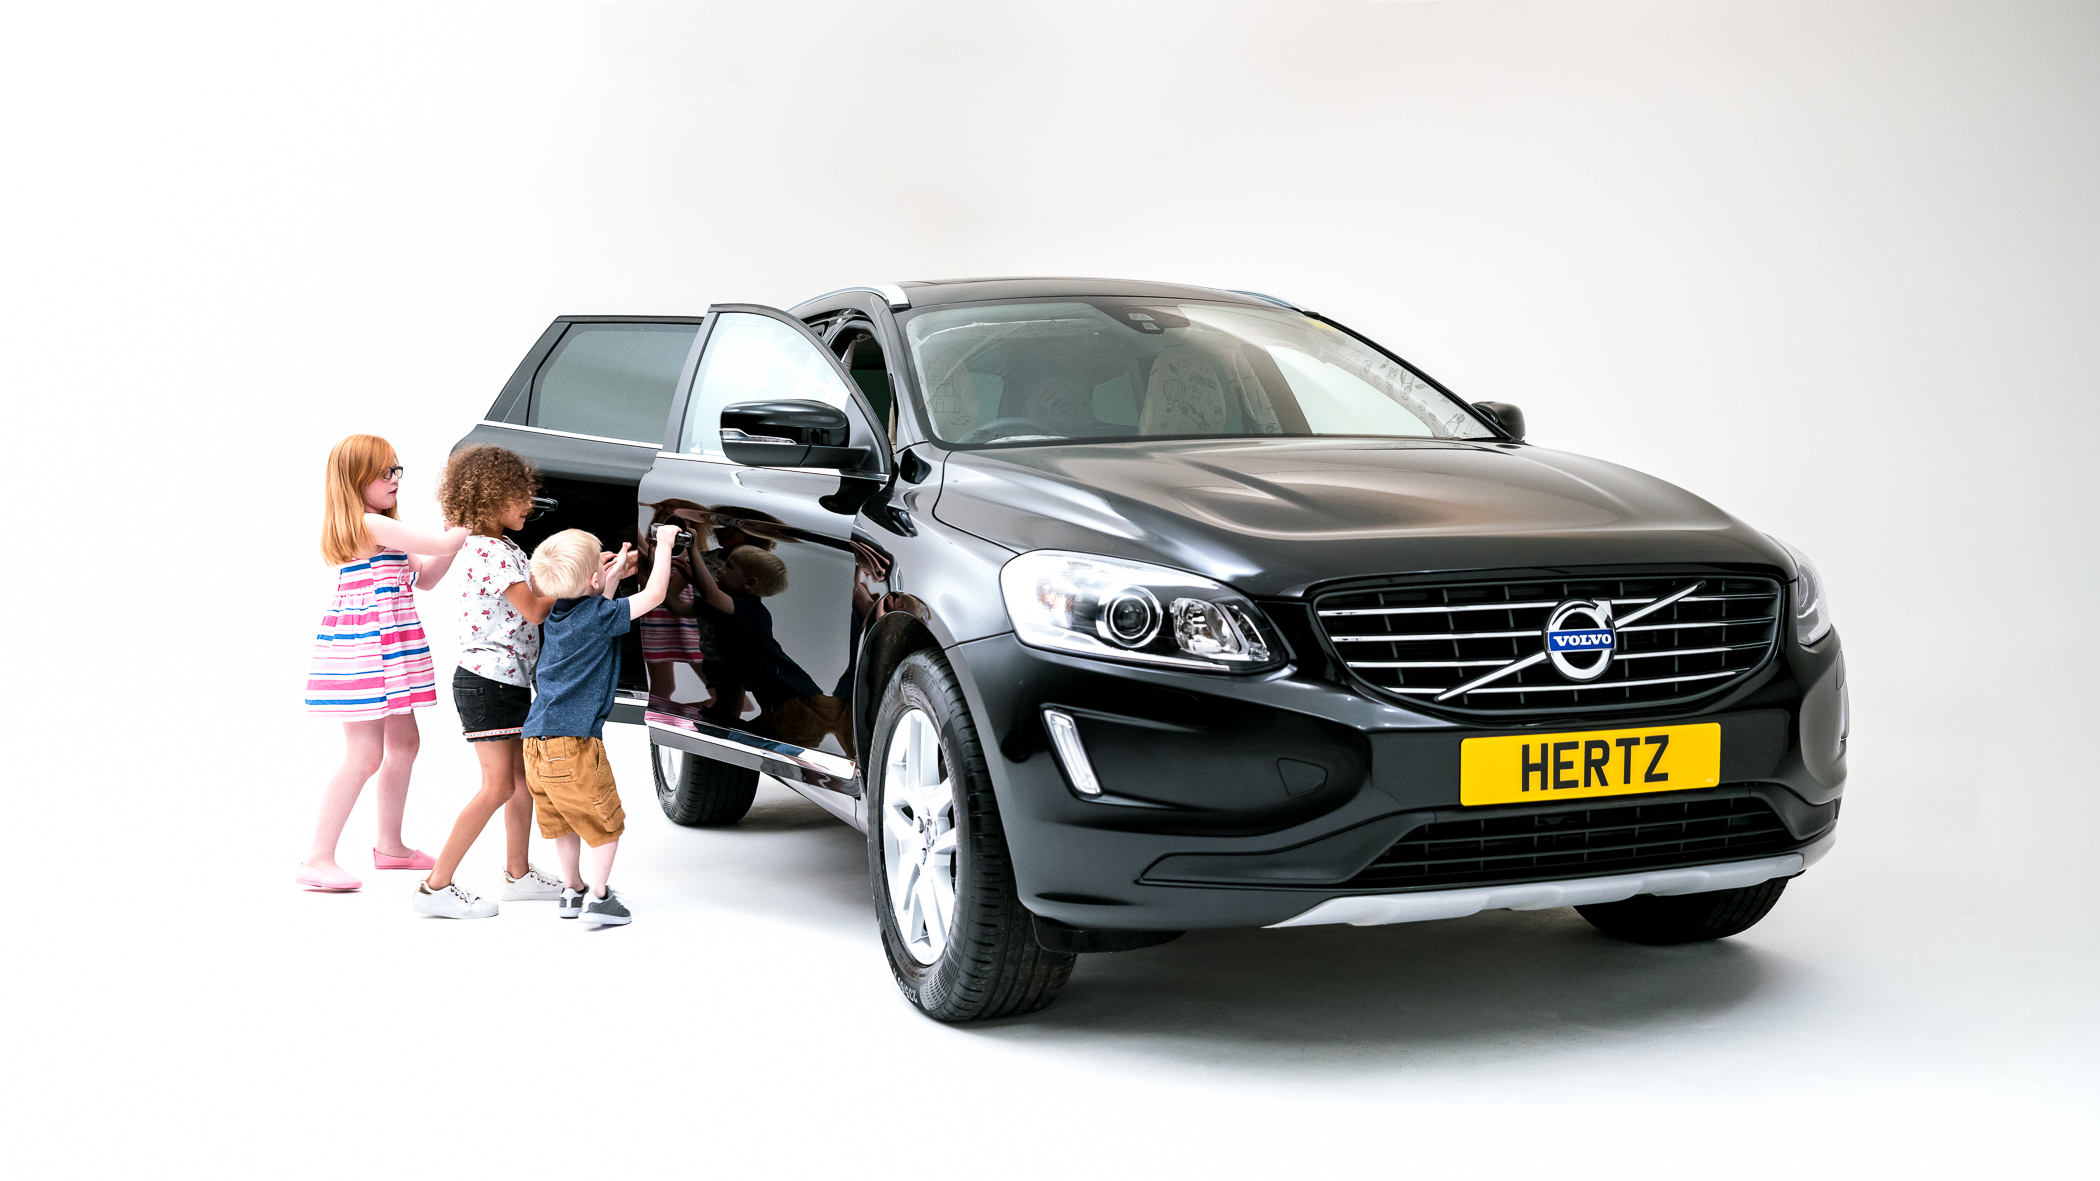 Hertz Colouring-In Car-.jpg